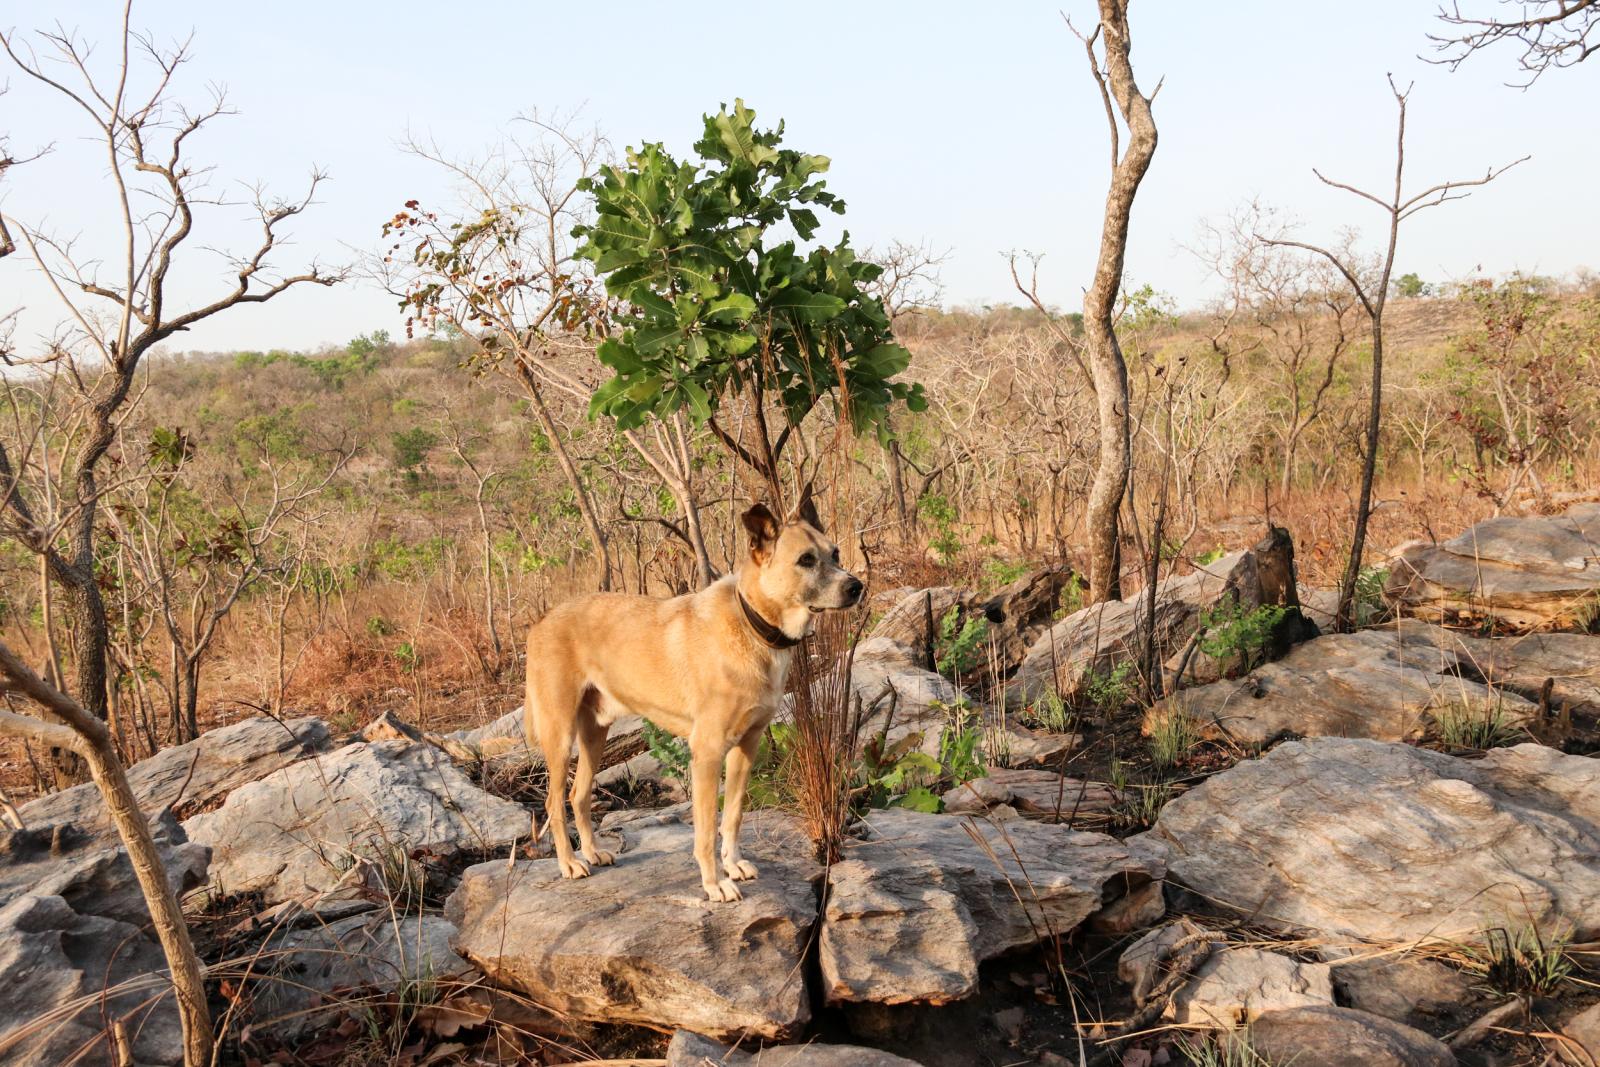 Unserem Hund gefällt es gut im trockenen Sahel-Klima.